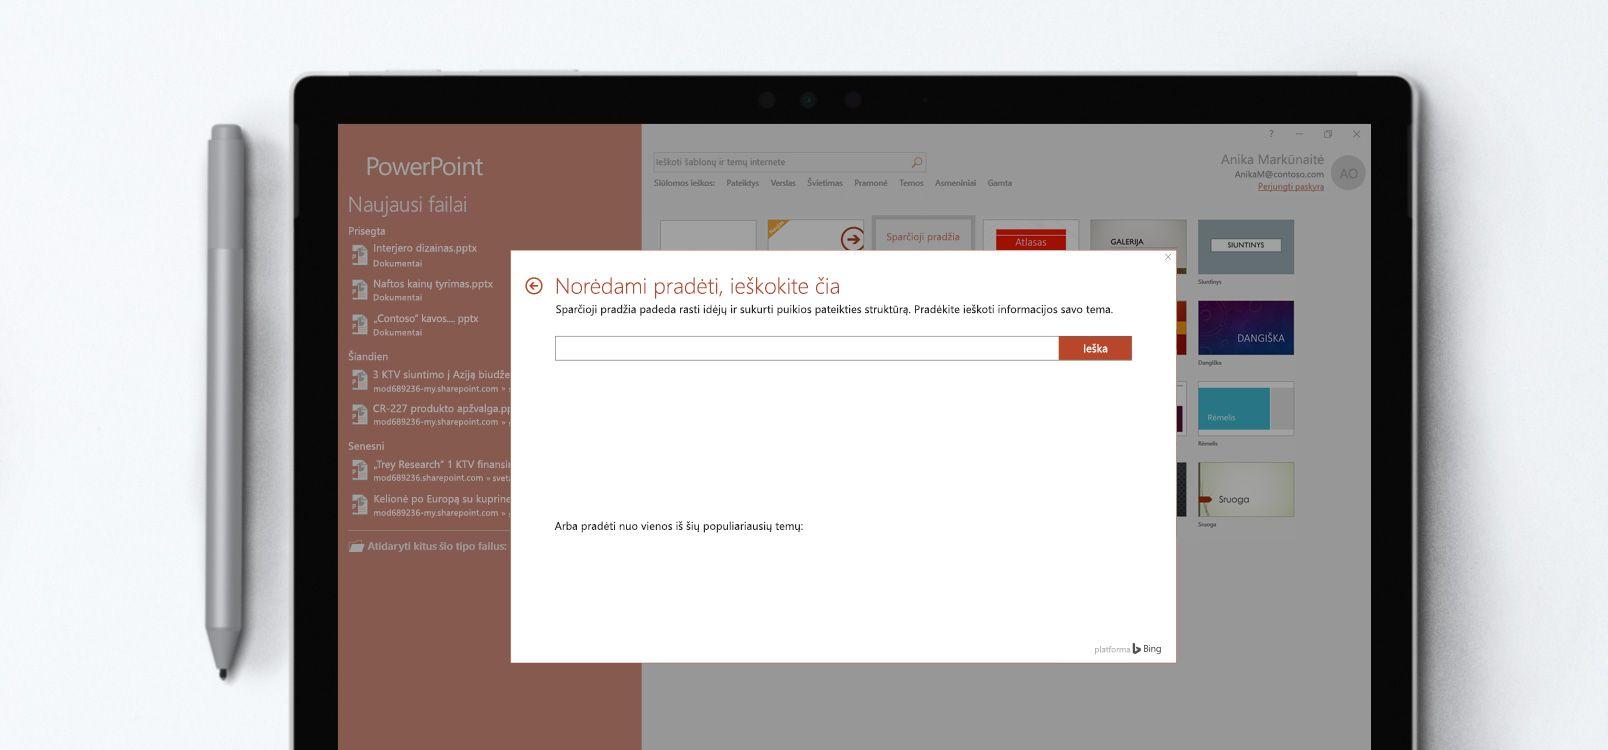 """Planšetinio ekranas, kuriame rodomas """"PowerPoint"""" dokumentas su sparčiosios pradžios funkcija"""